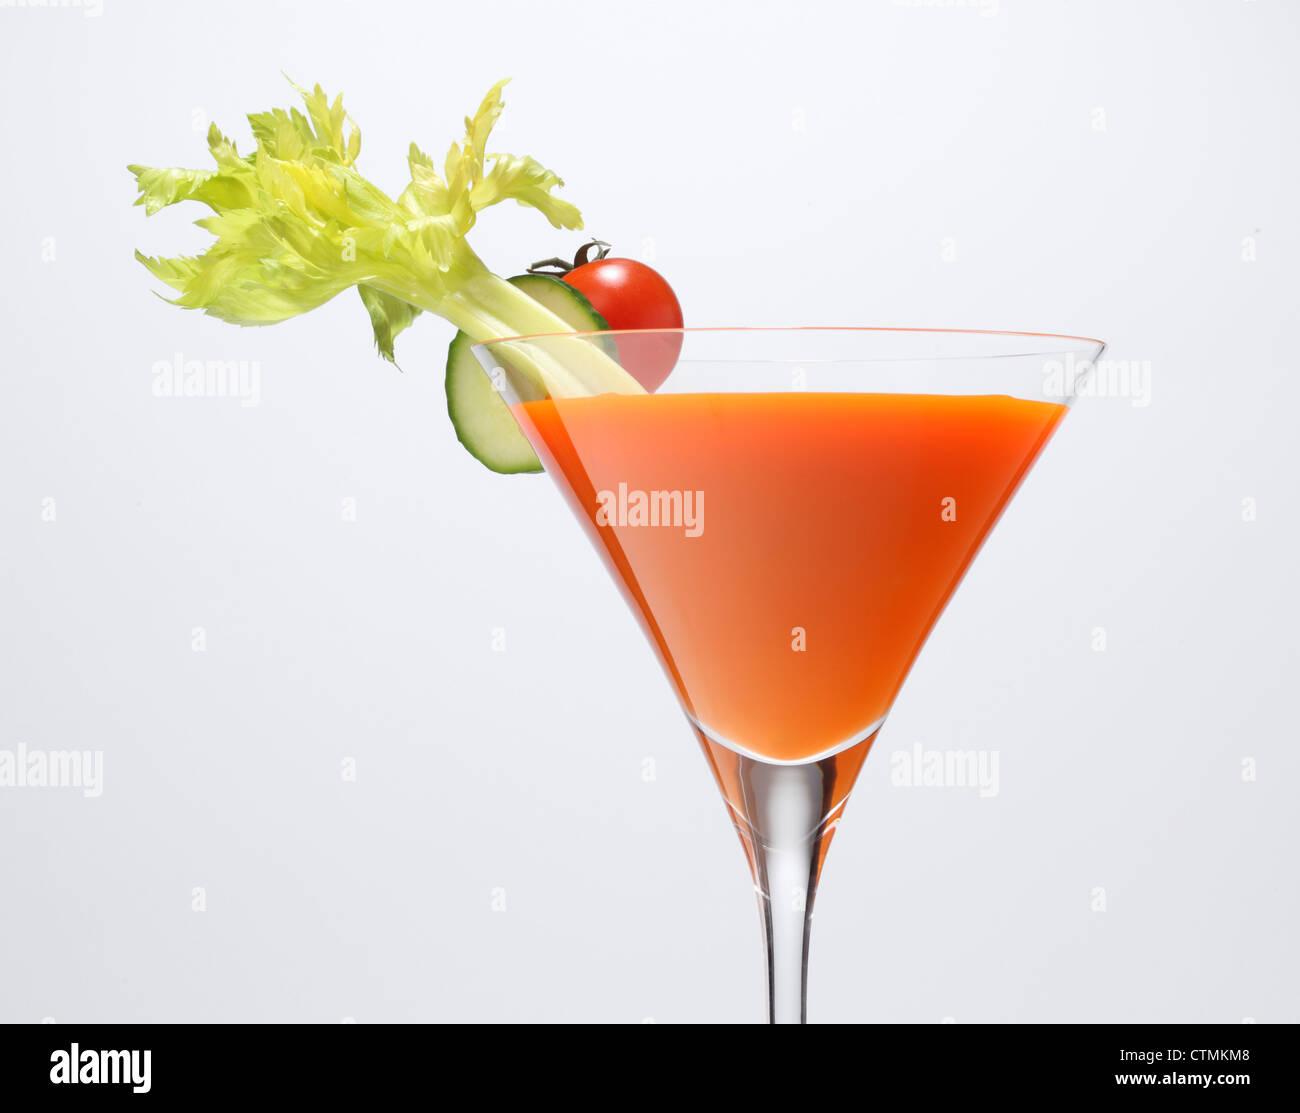 Un arancia succhi di verdura in un calice con verdura guarnire. La costa di sedano, Cucumber Slice e pomodoro ciliegino. Immagini Stock